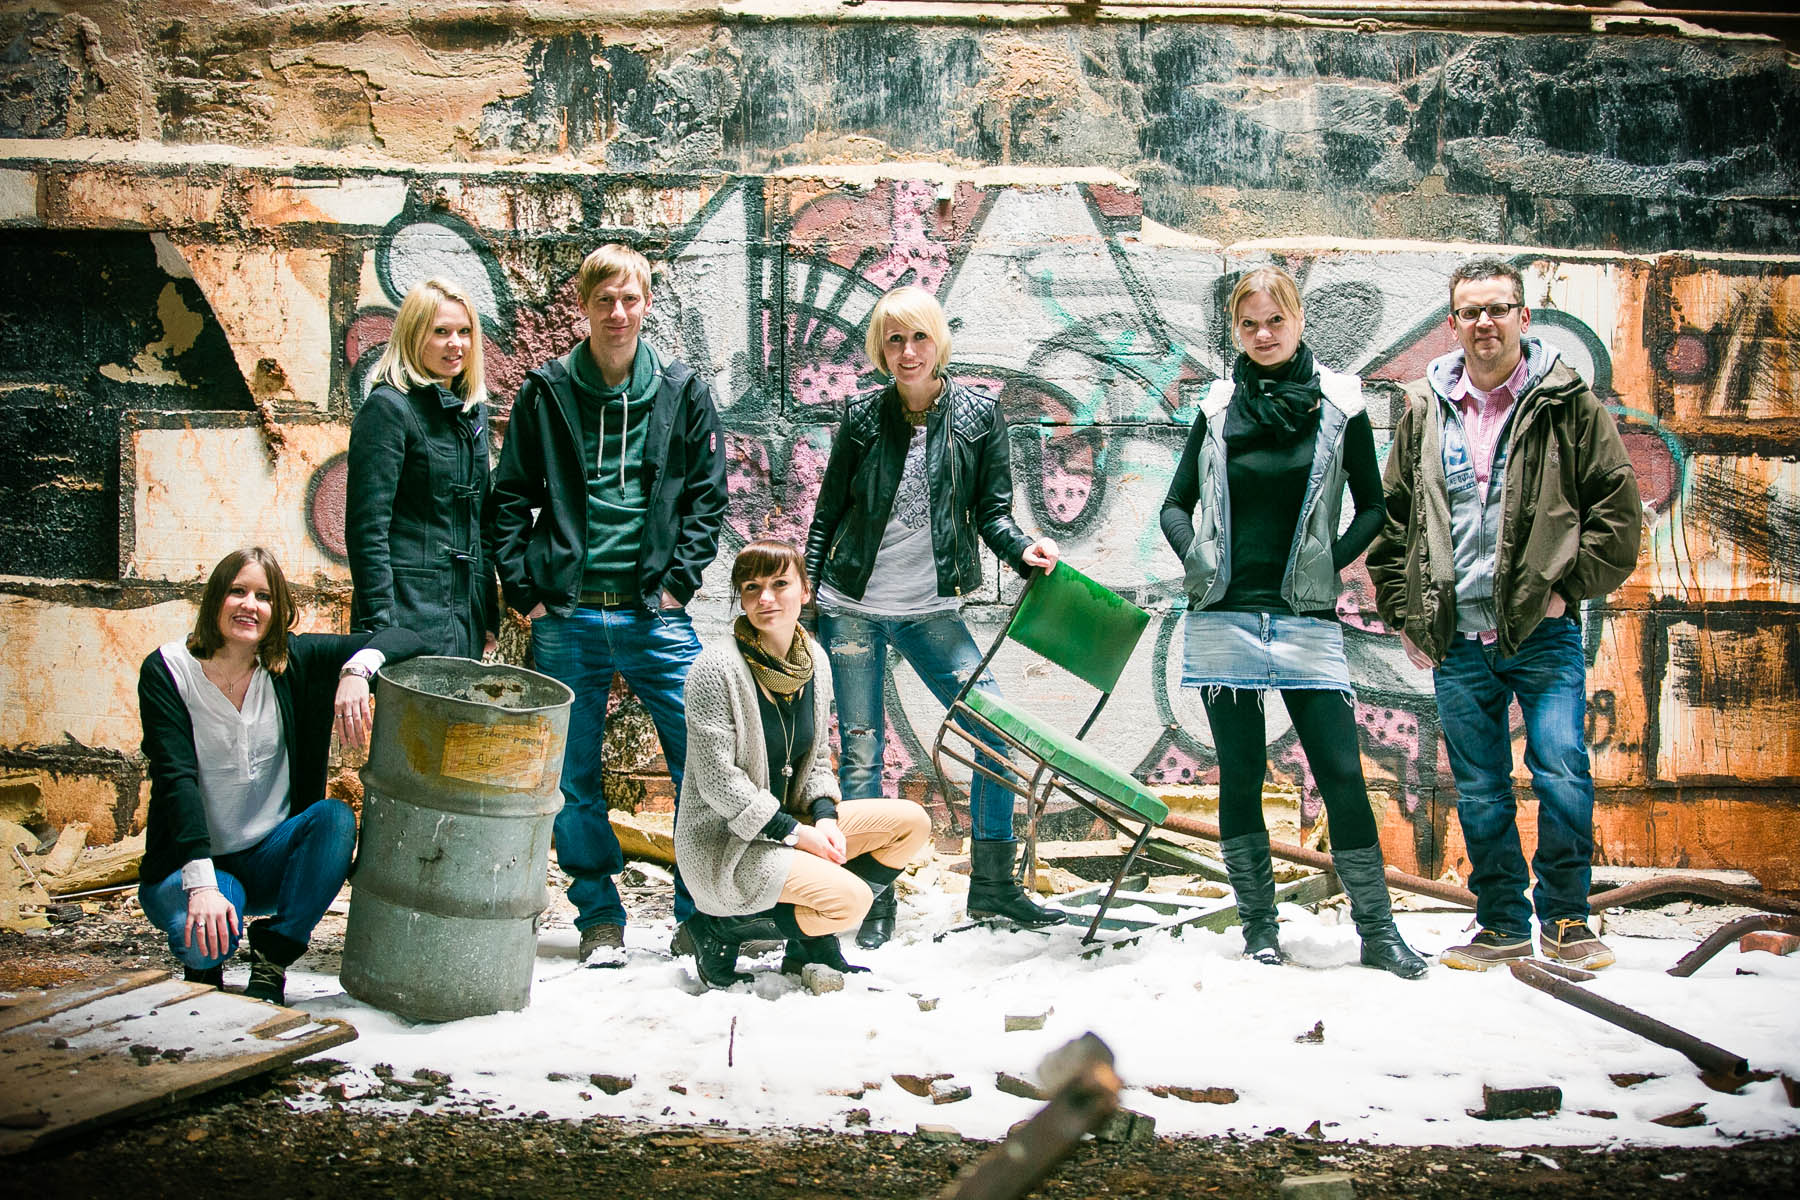 20130223141408-'fs-brauerei'-1815-www.glamoureffekt.de.jpg